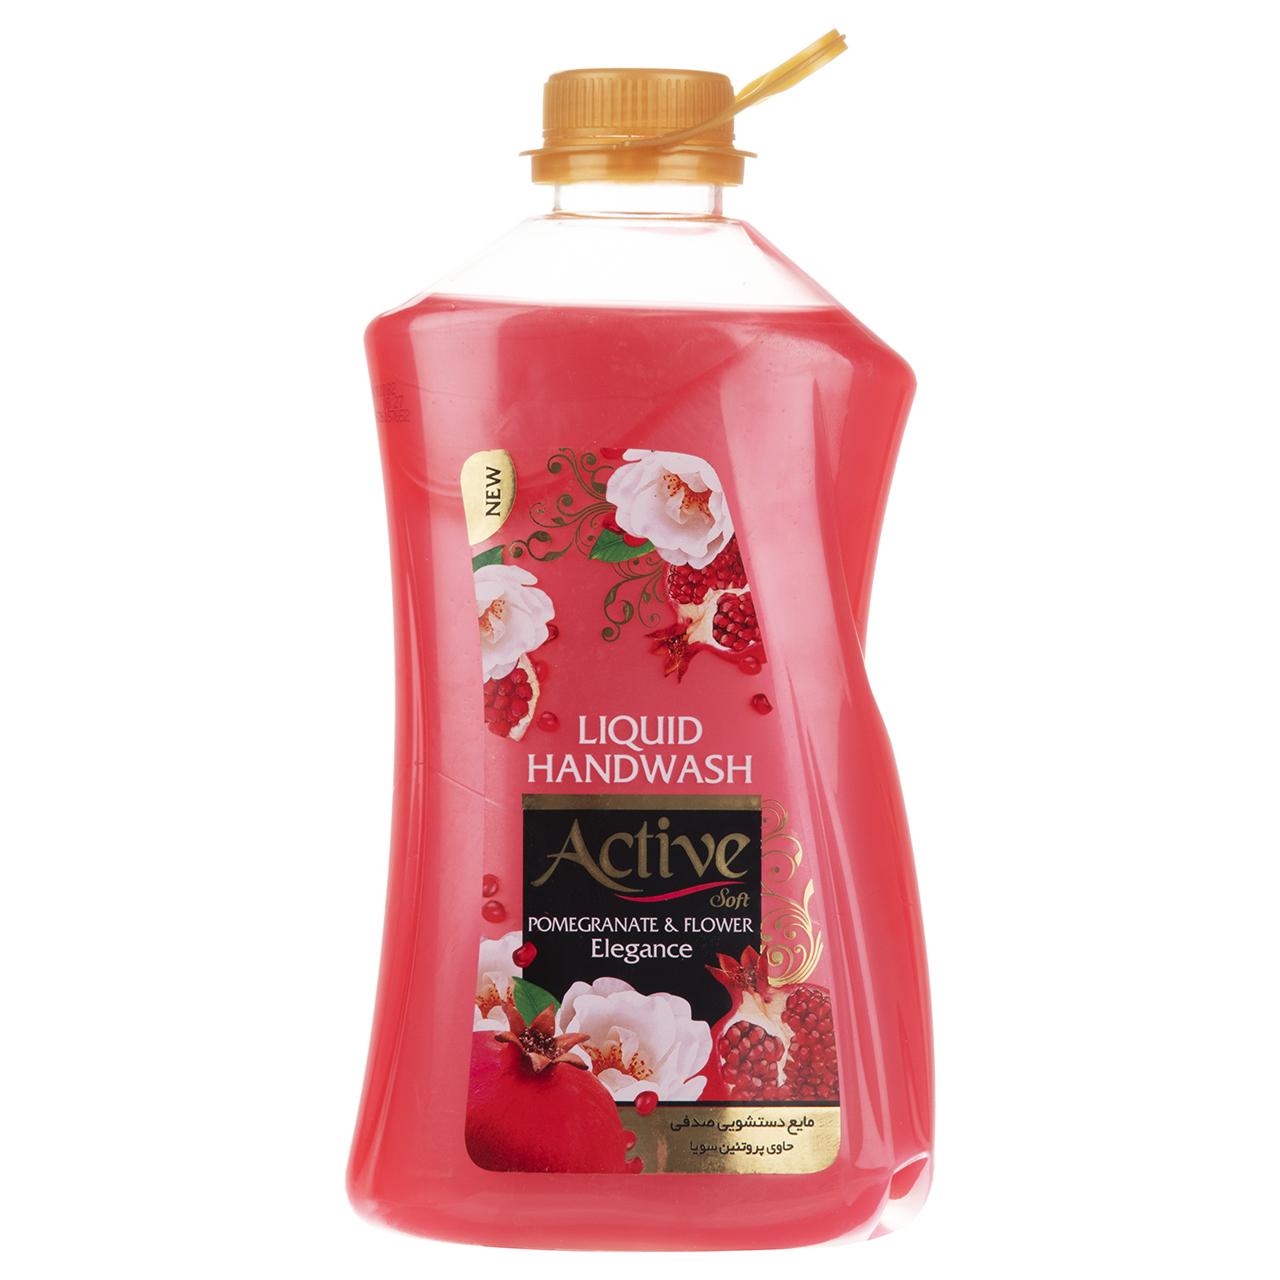 مایع دستشویی اکتیو مدل Pomegranate & Flower مقدار 2500 گرم